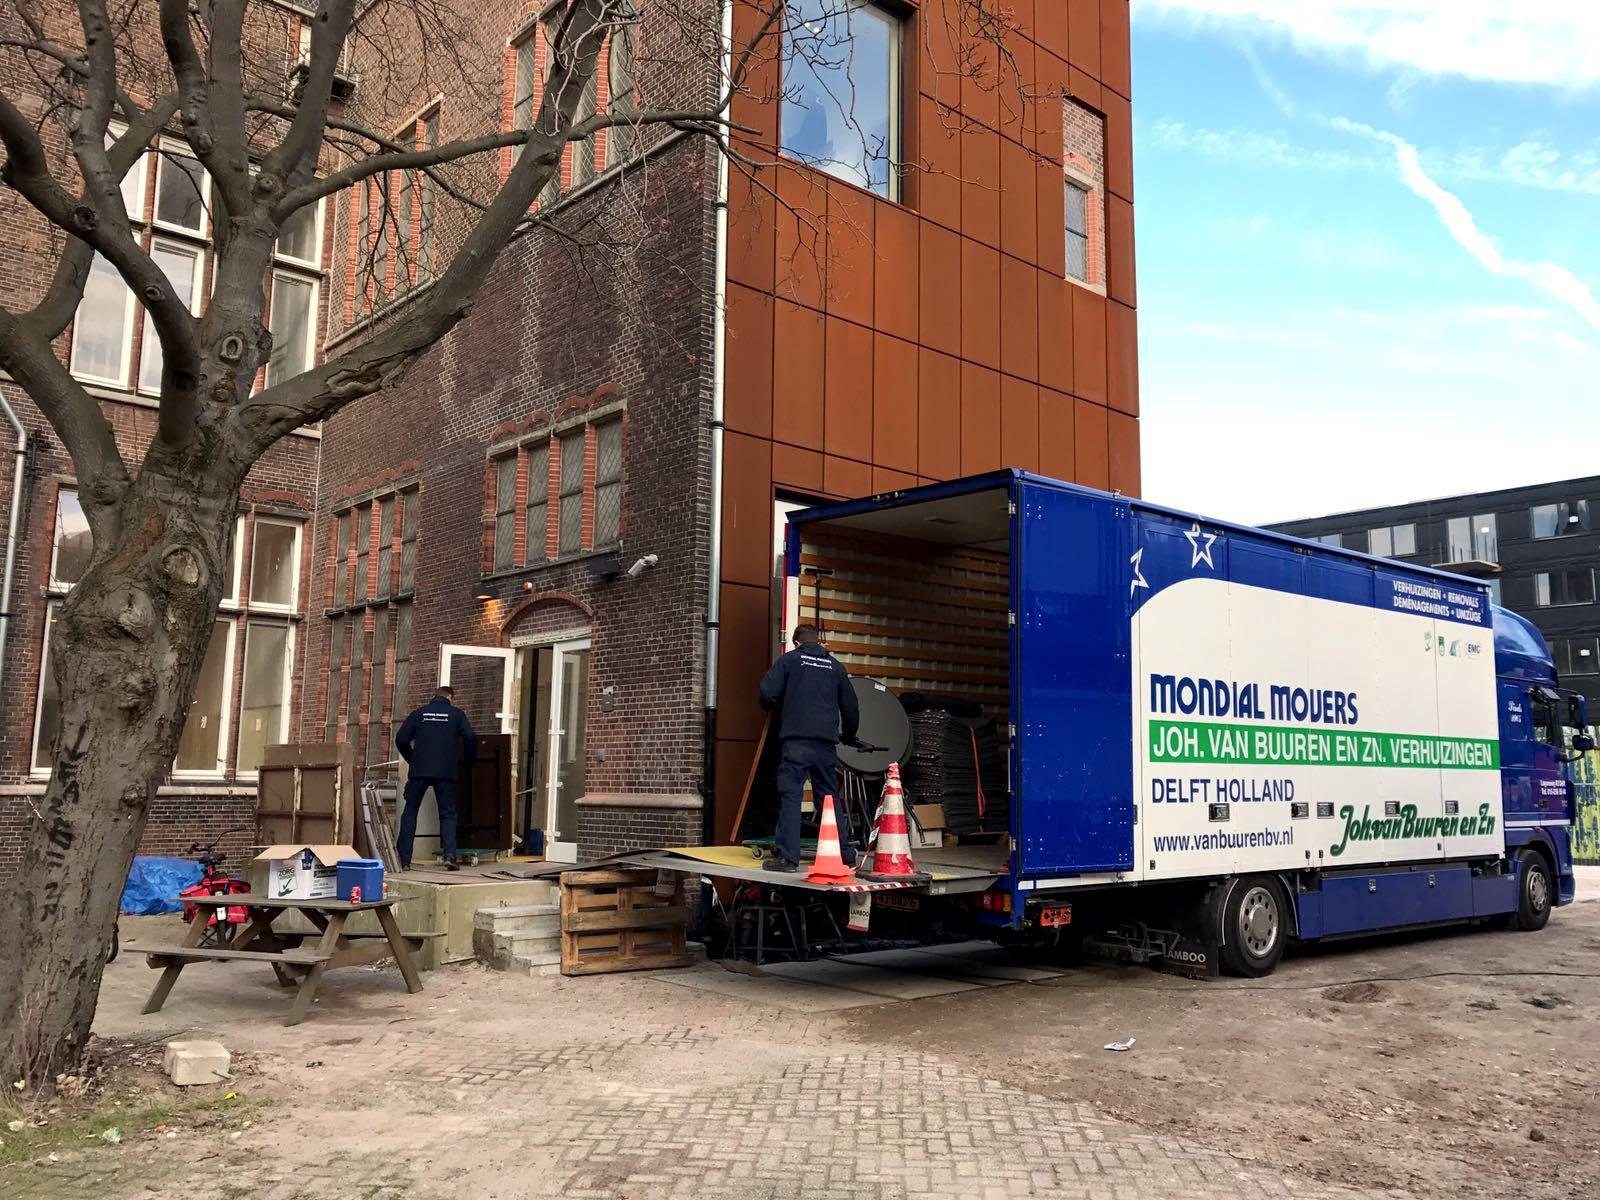 Verhuisbedrijf Den Hoorn